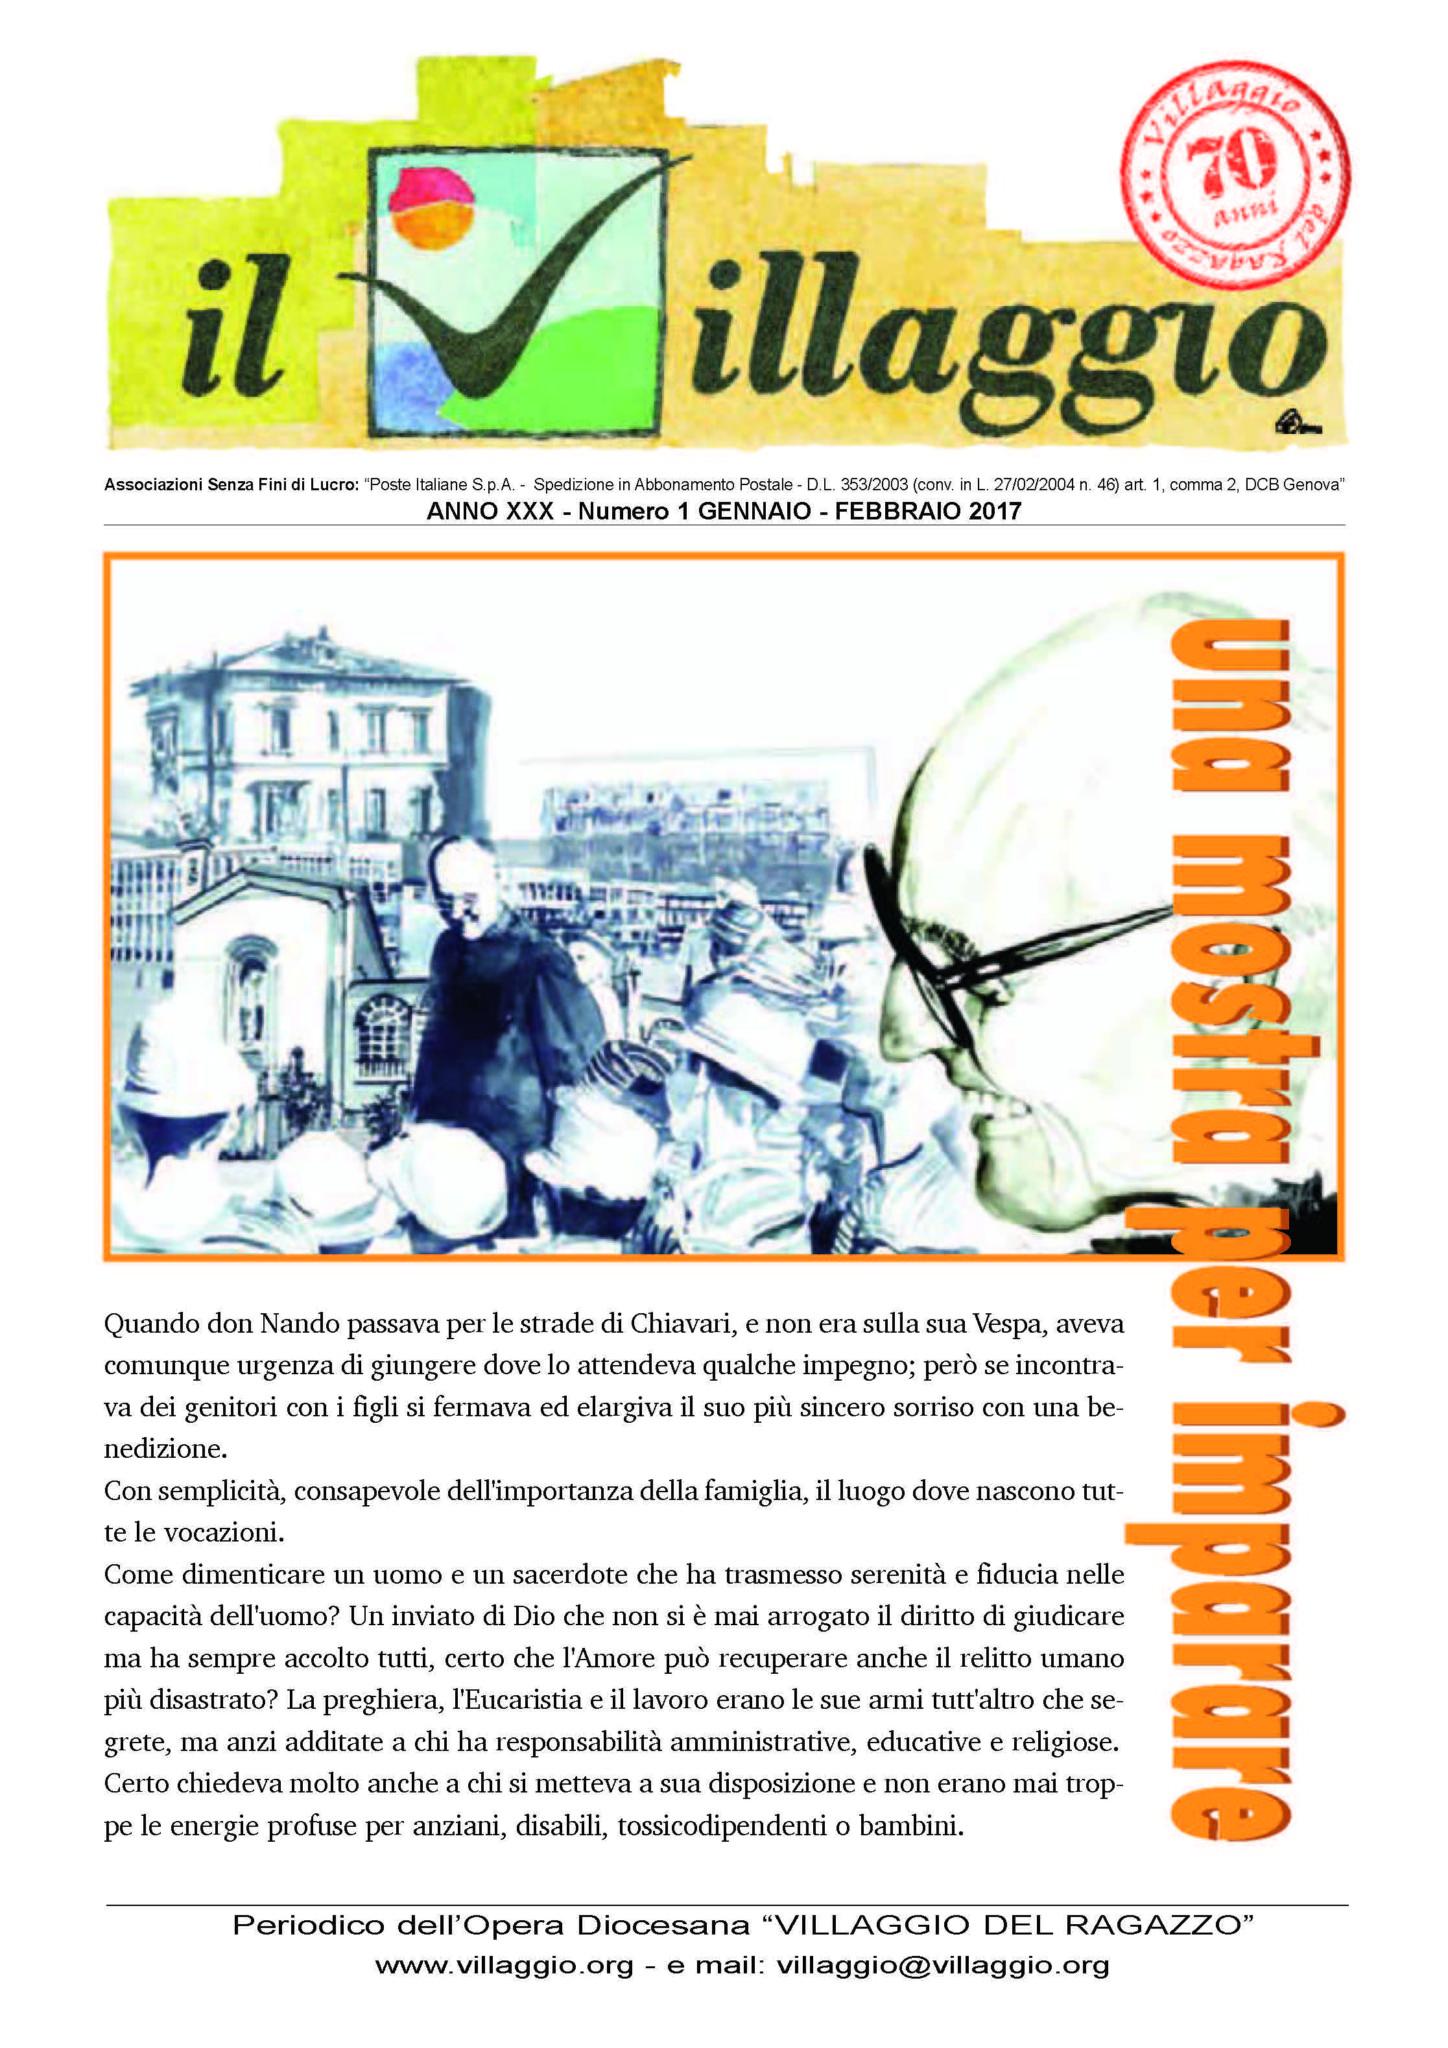 Periodico Il Villaggio - Anno XXX n°1 gennaio-febbraio 2017